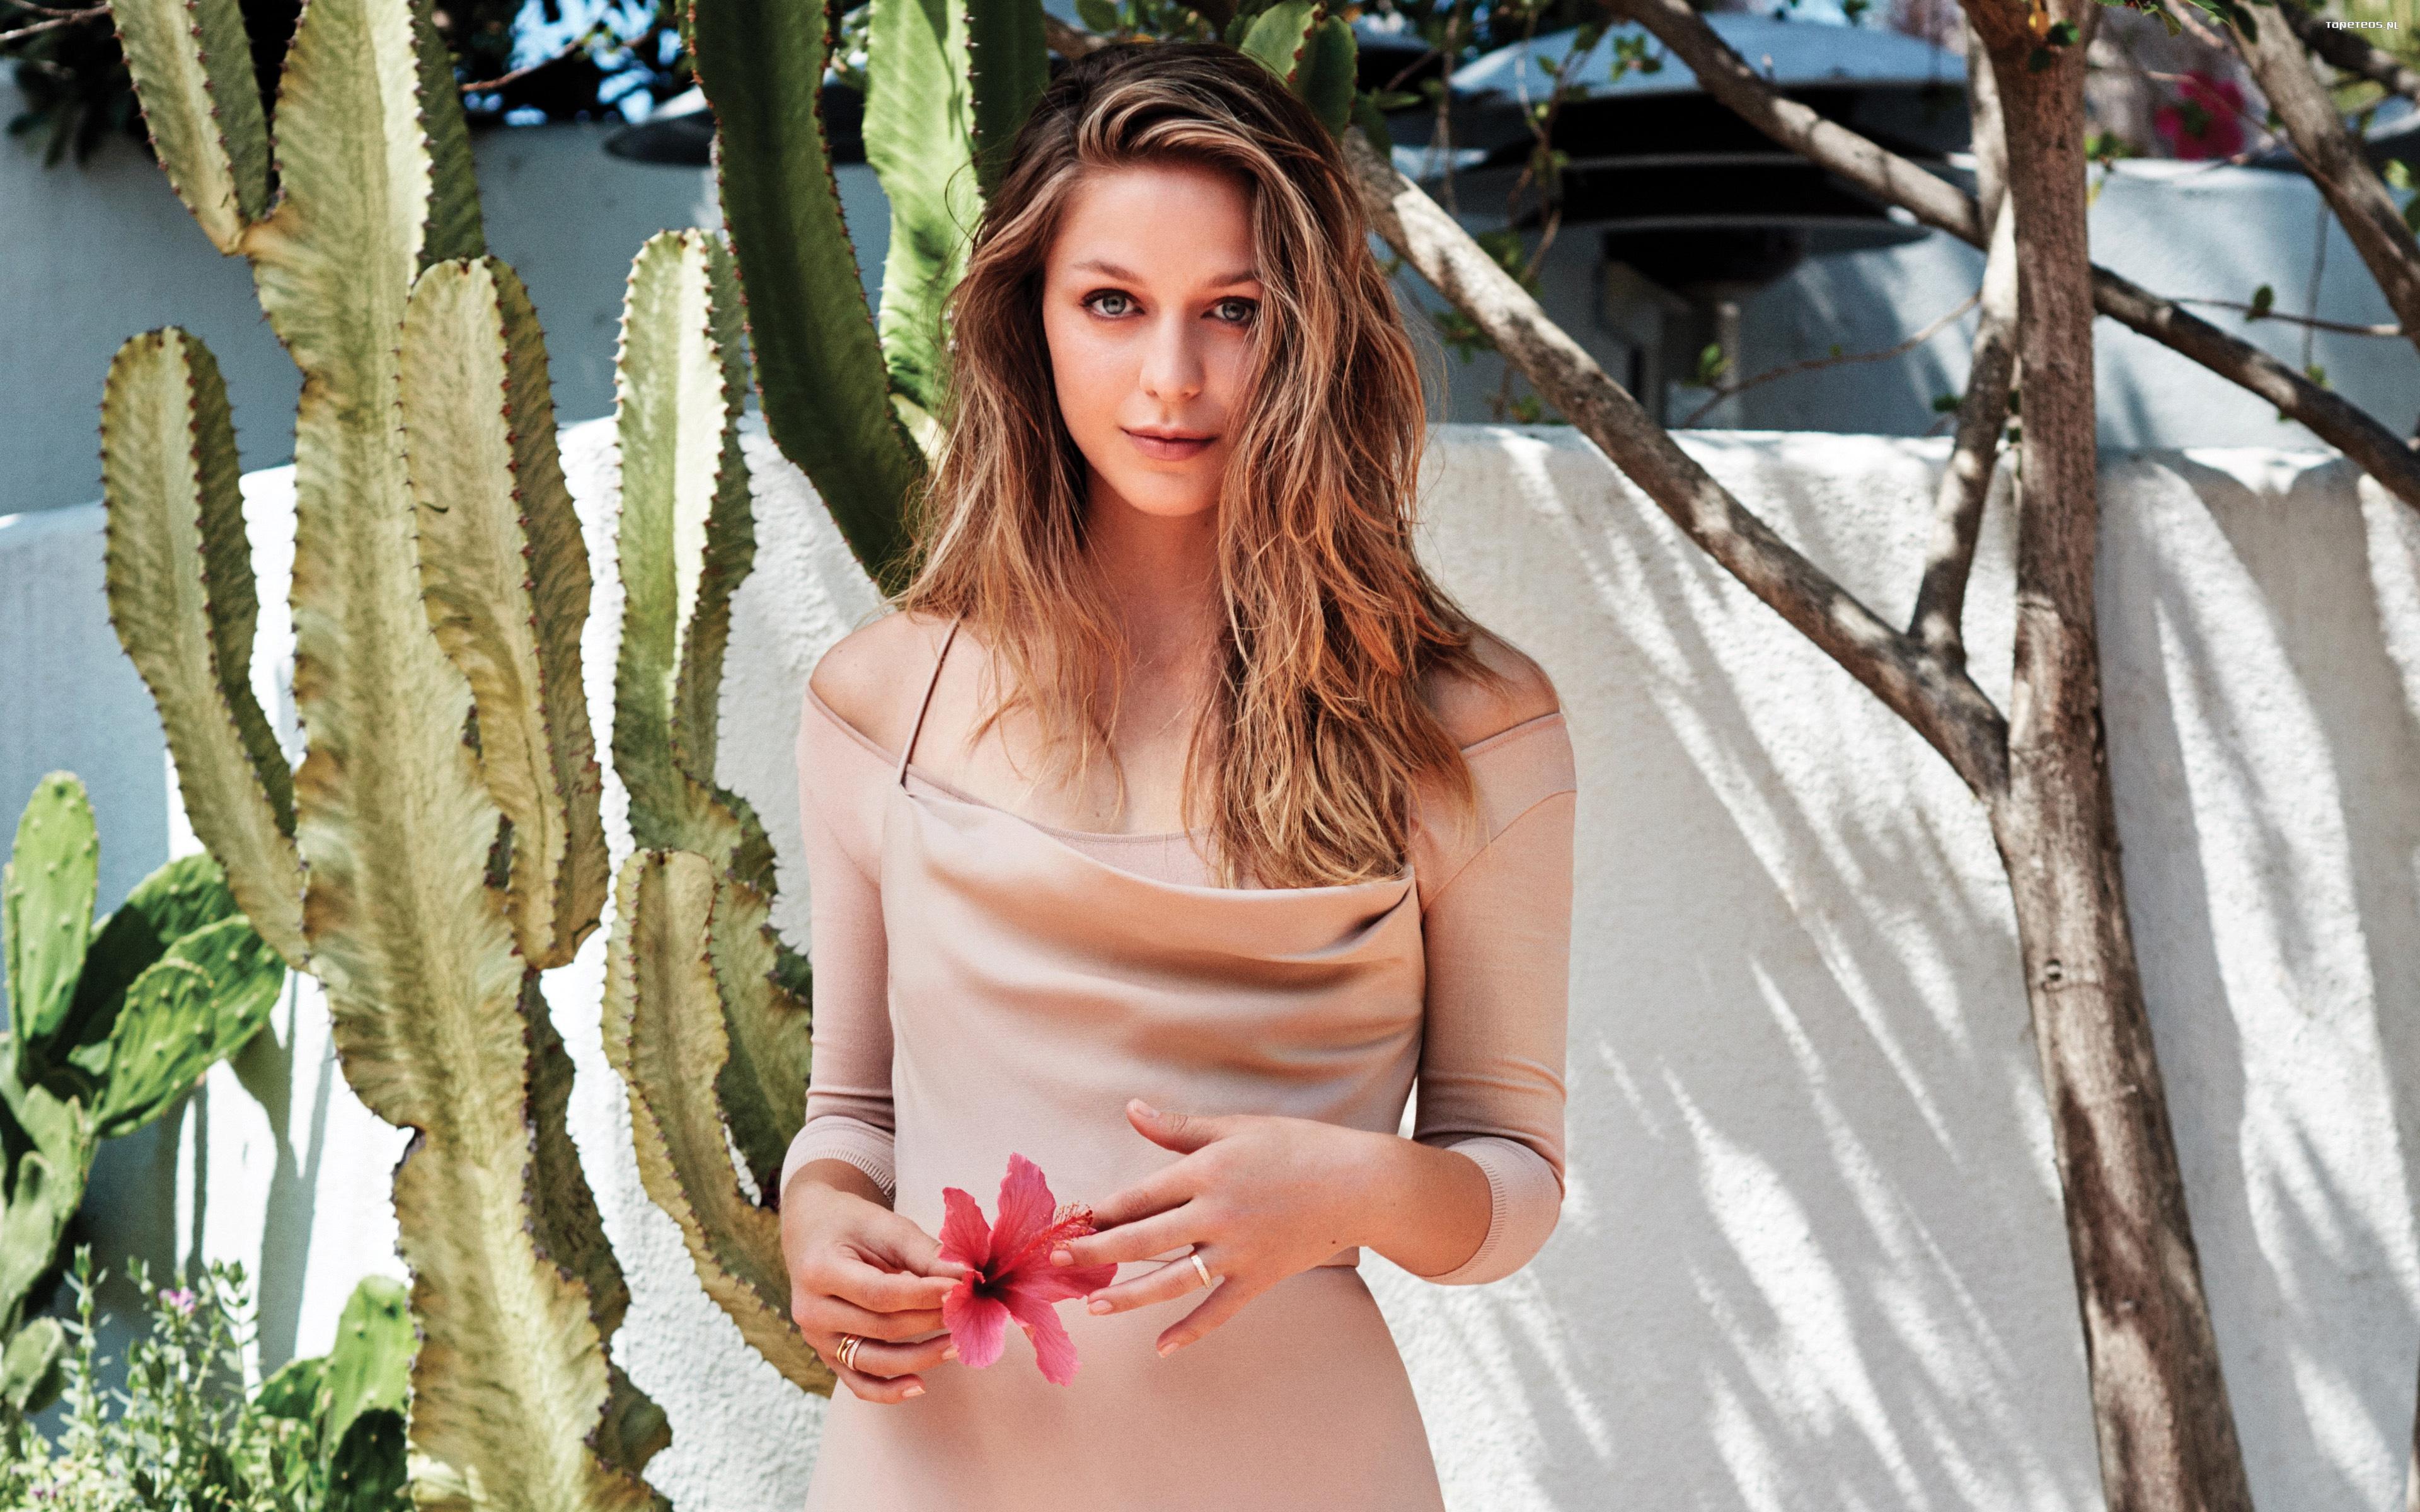 Melissa Gorga 4k Wallpapers: Melissa Benoist 4k, HD Celebrities, 4k Wallpapers, Images